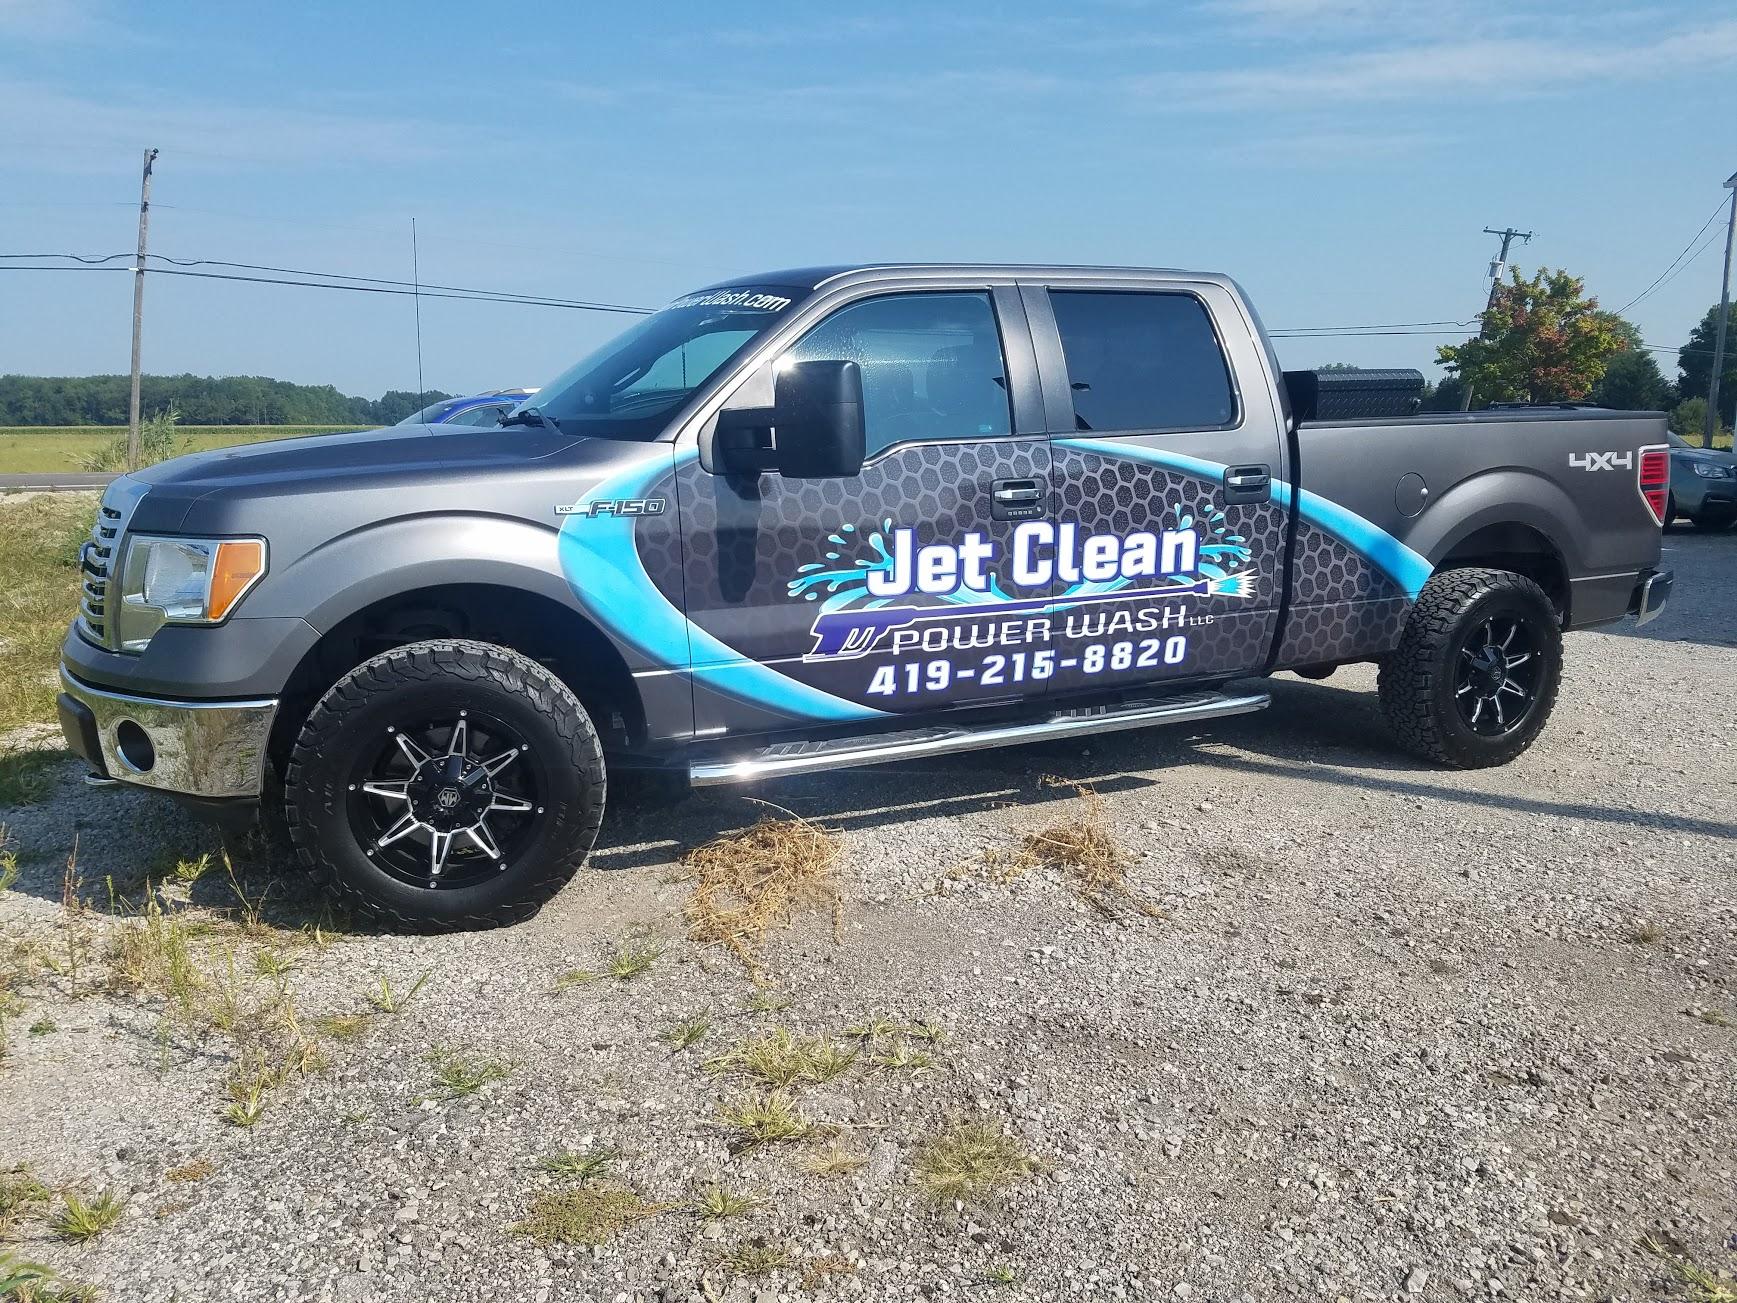 jet clean truck